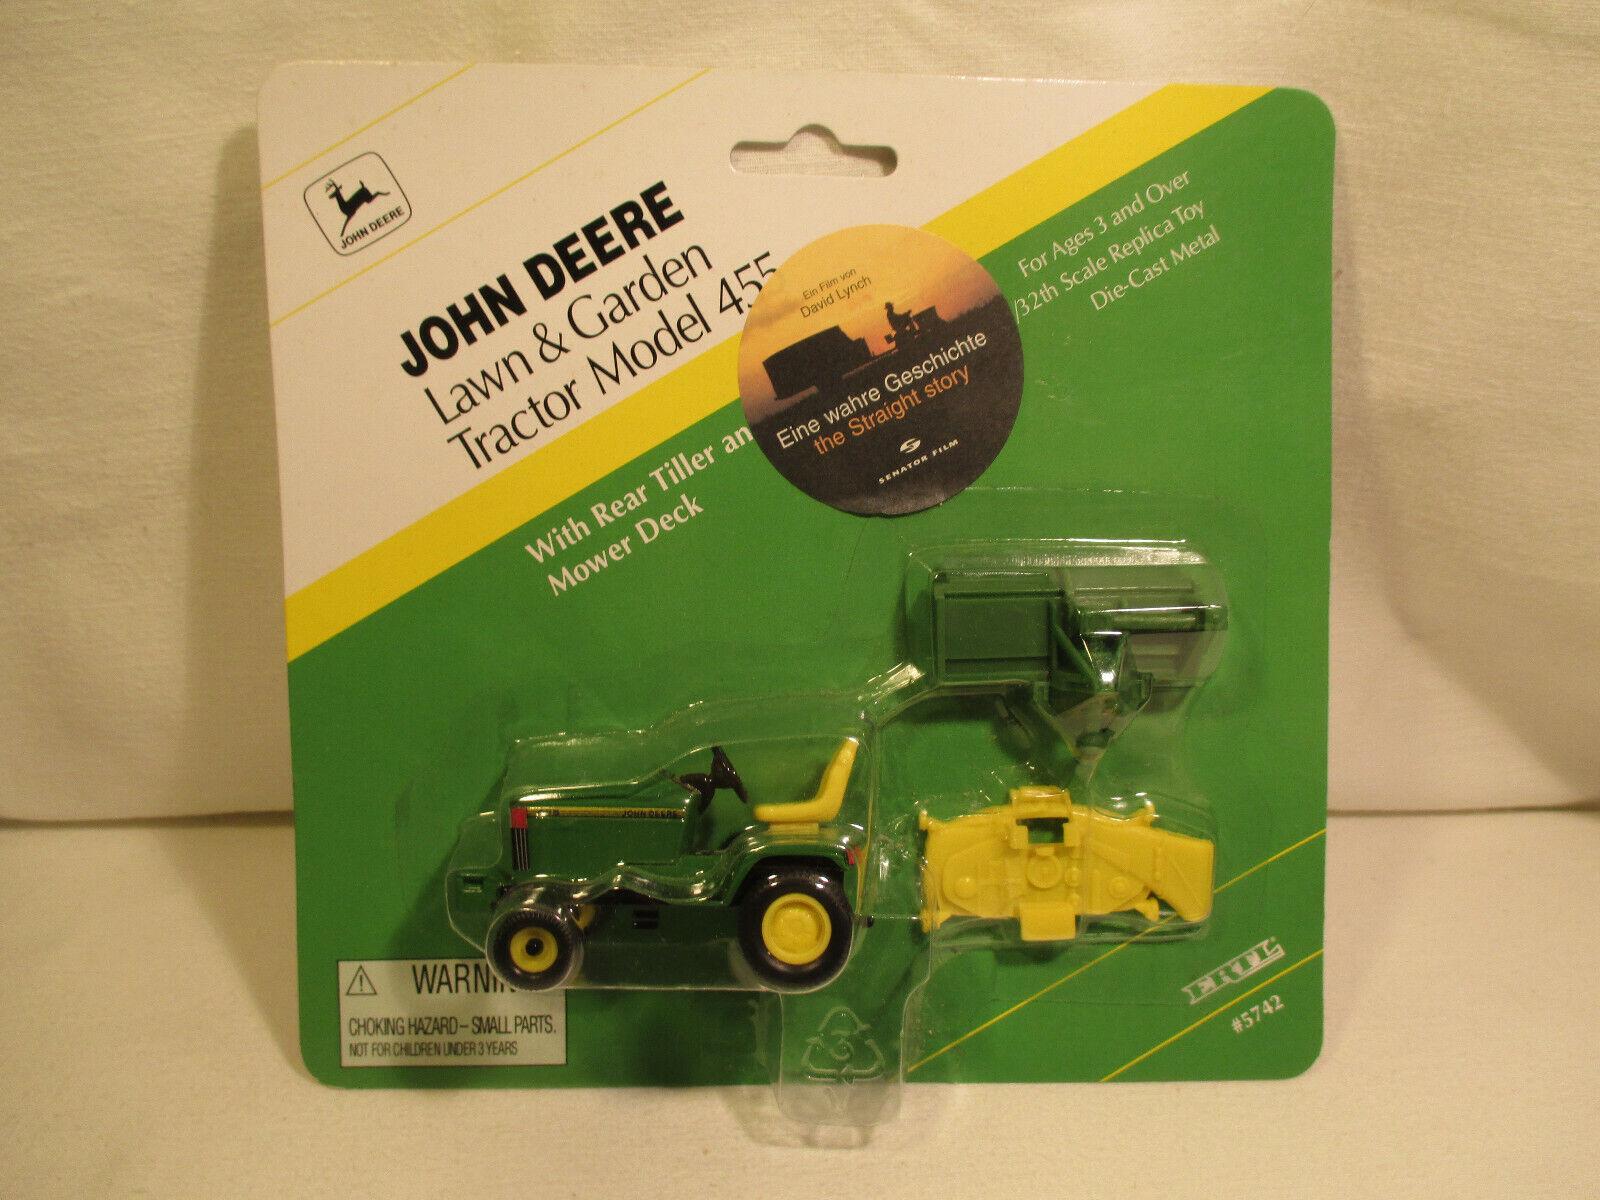 ERTL tracteur film publicitaire  Lawn & Garden  tractor 455 David Lynch voiture miniature  prix raisonnable